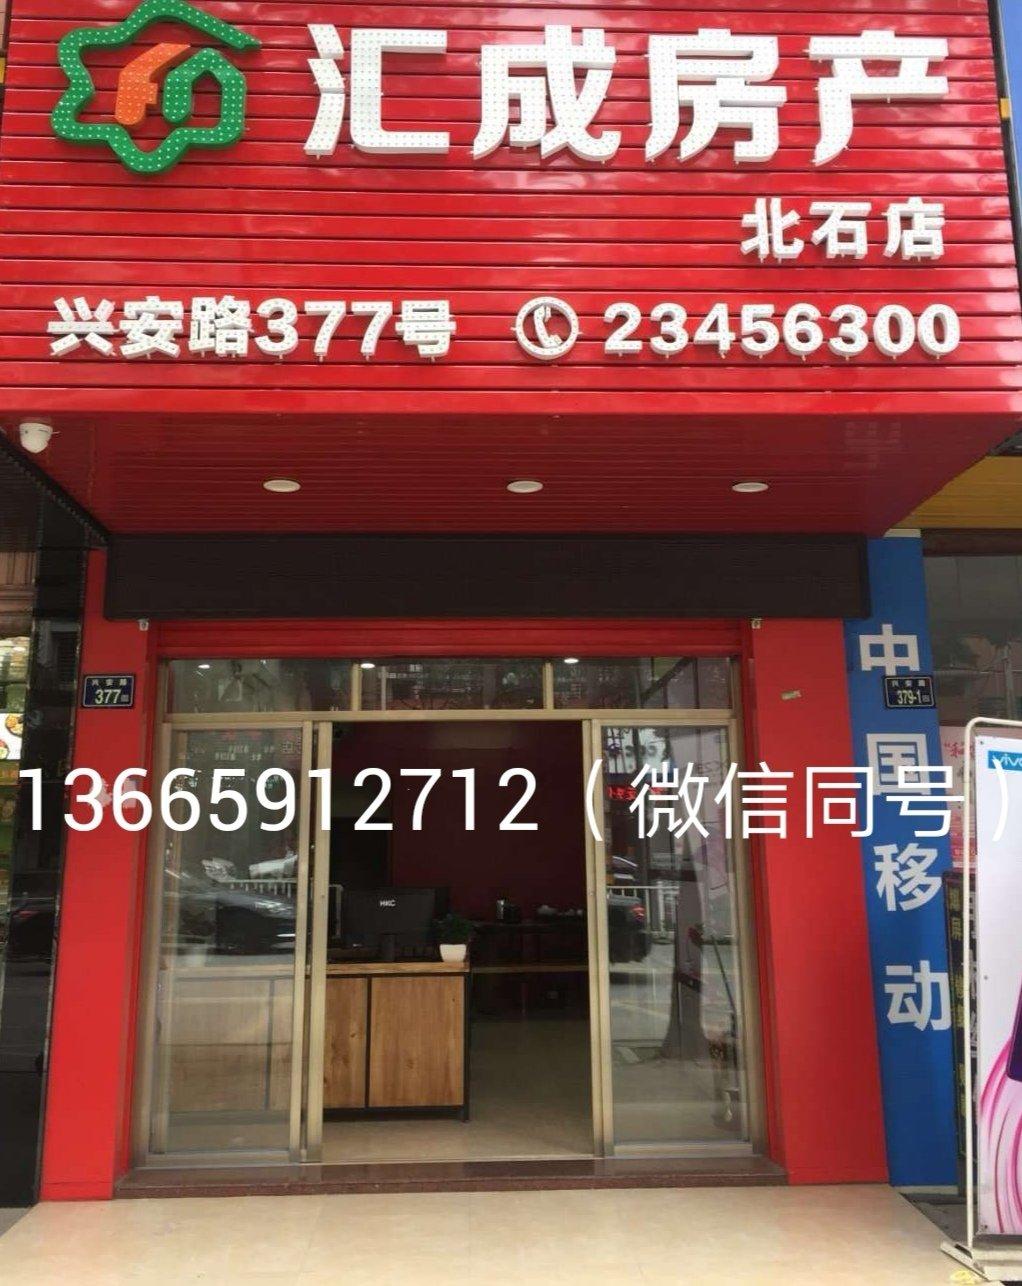 鳳山學府多個車位31—33萬元